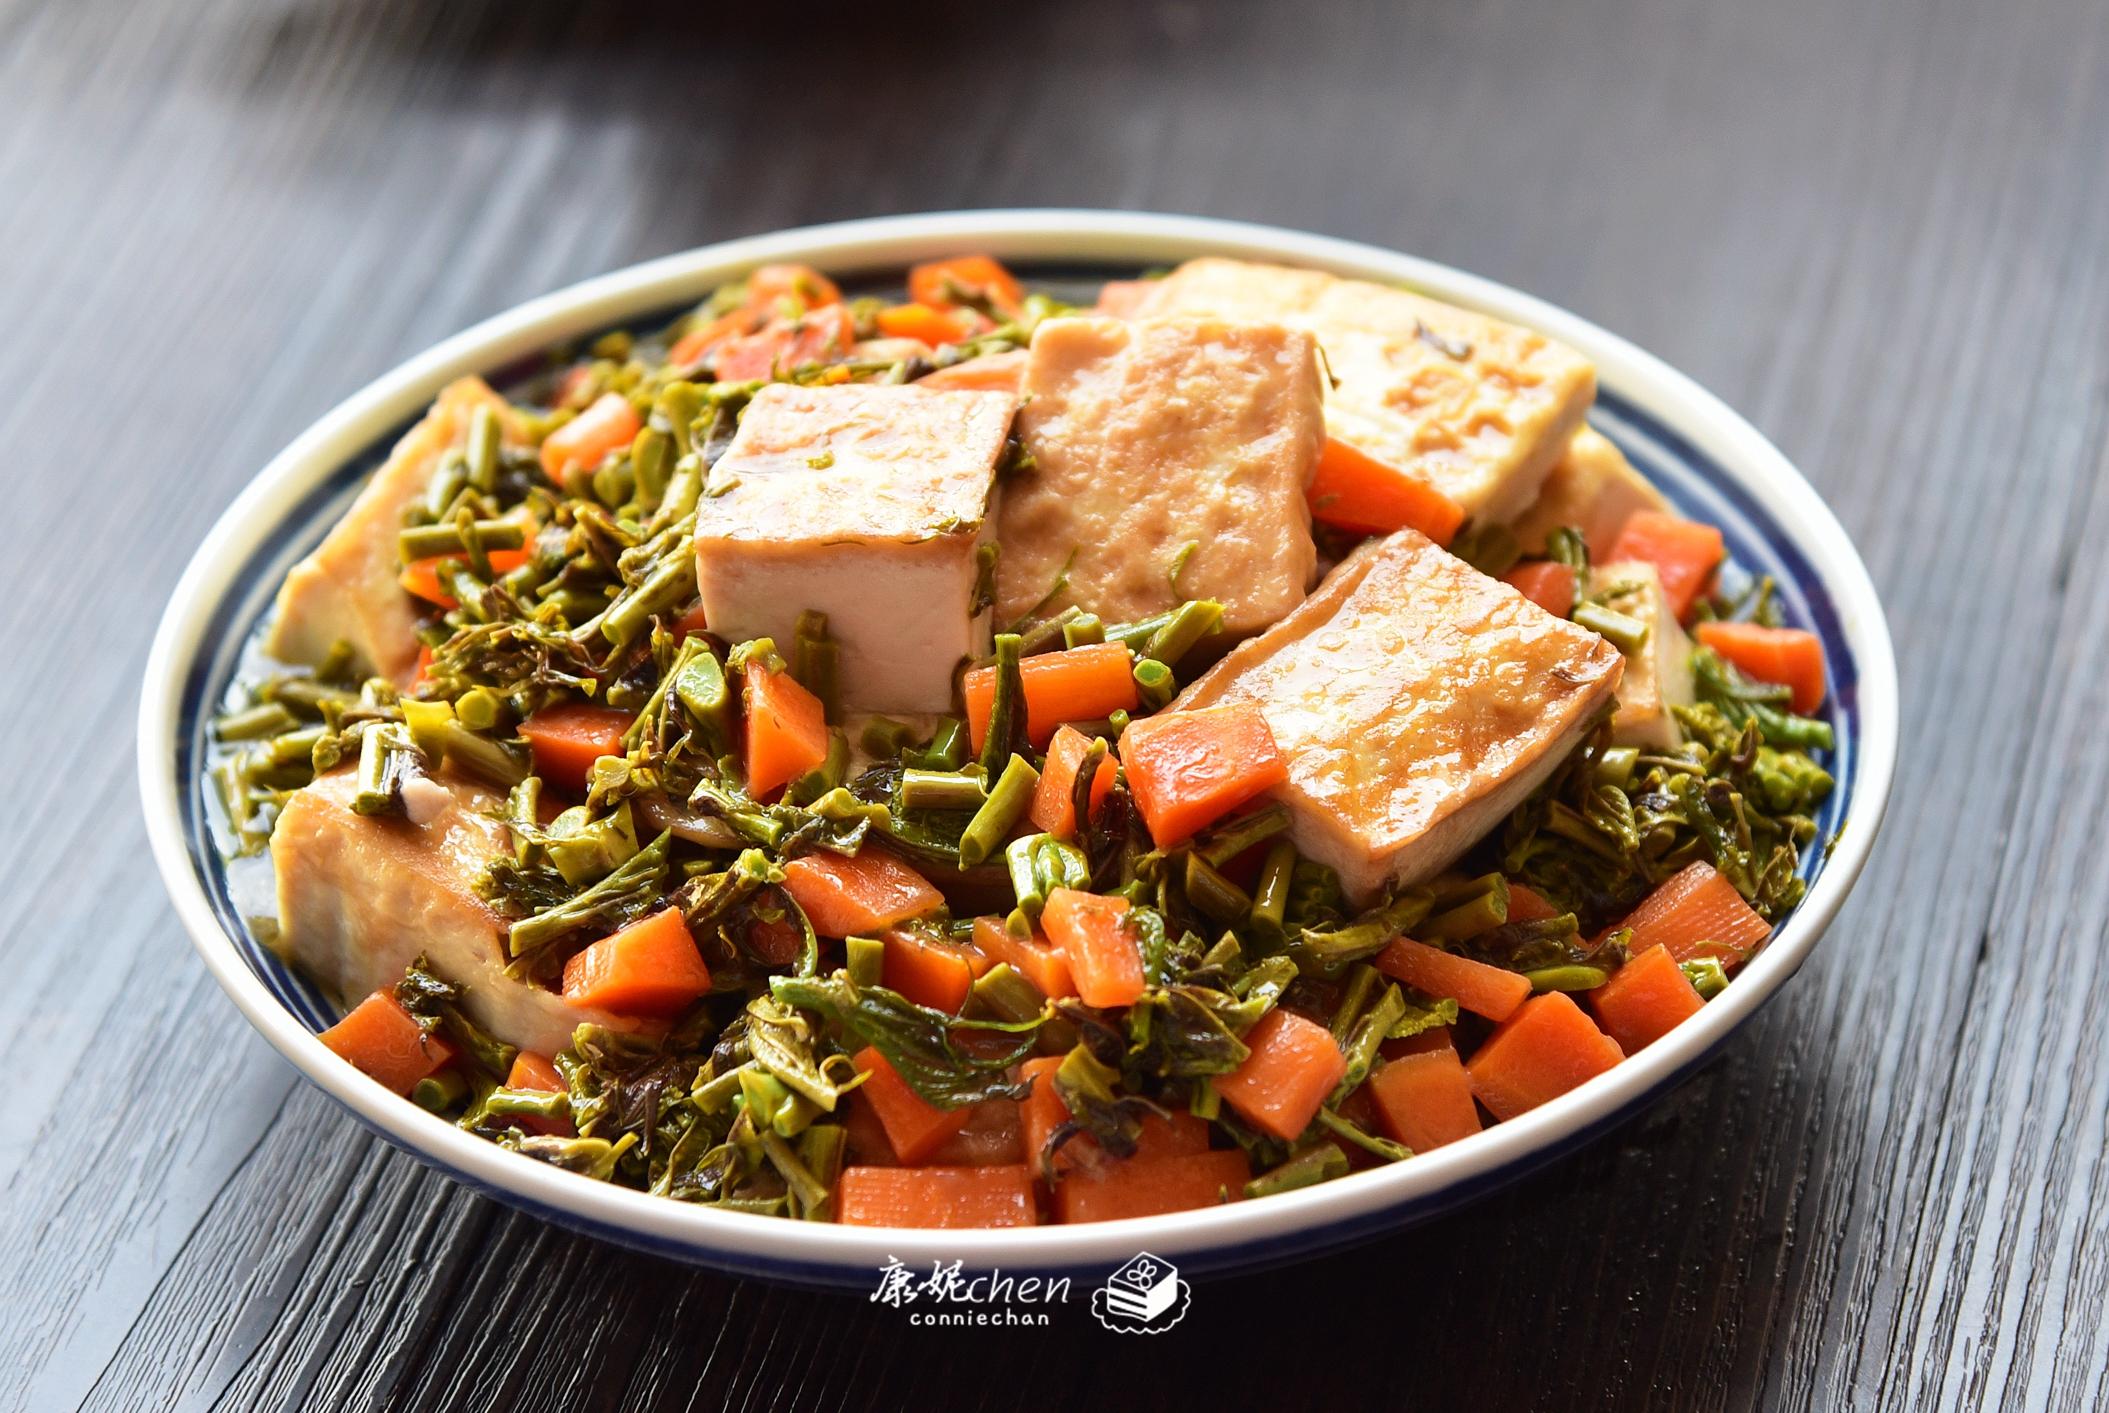 春分时节记得多吃这6种蔬菜,这些做法比肉还营养美味,多吃不胖